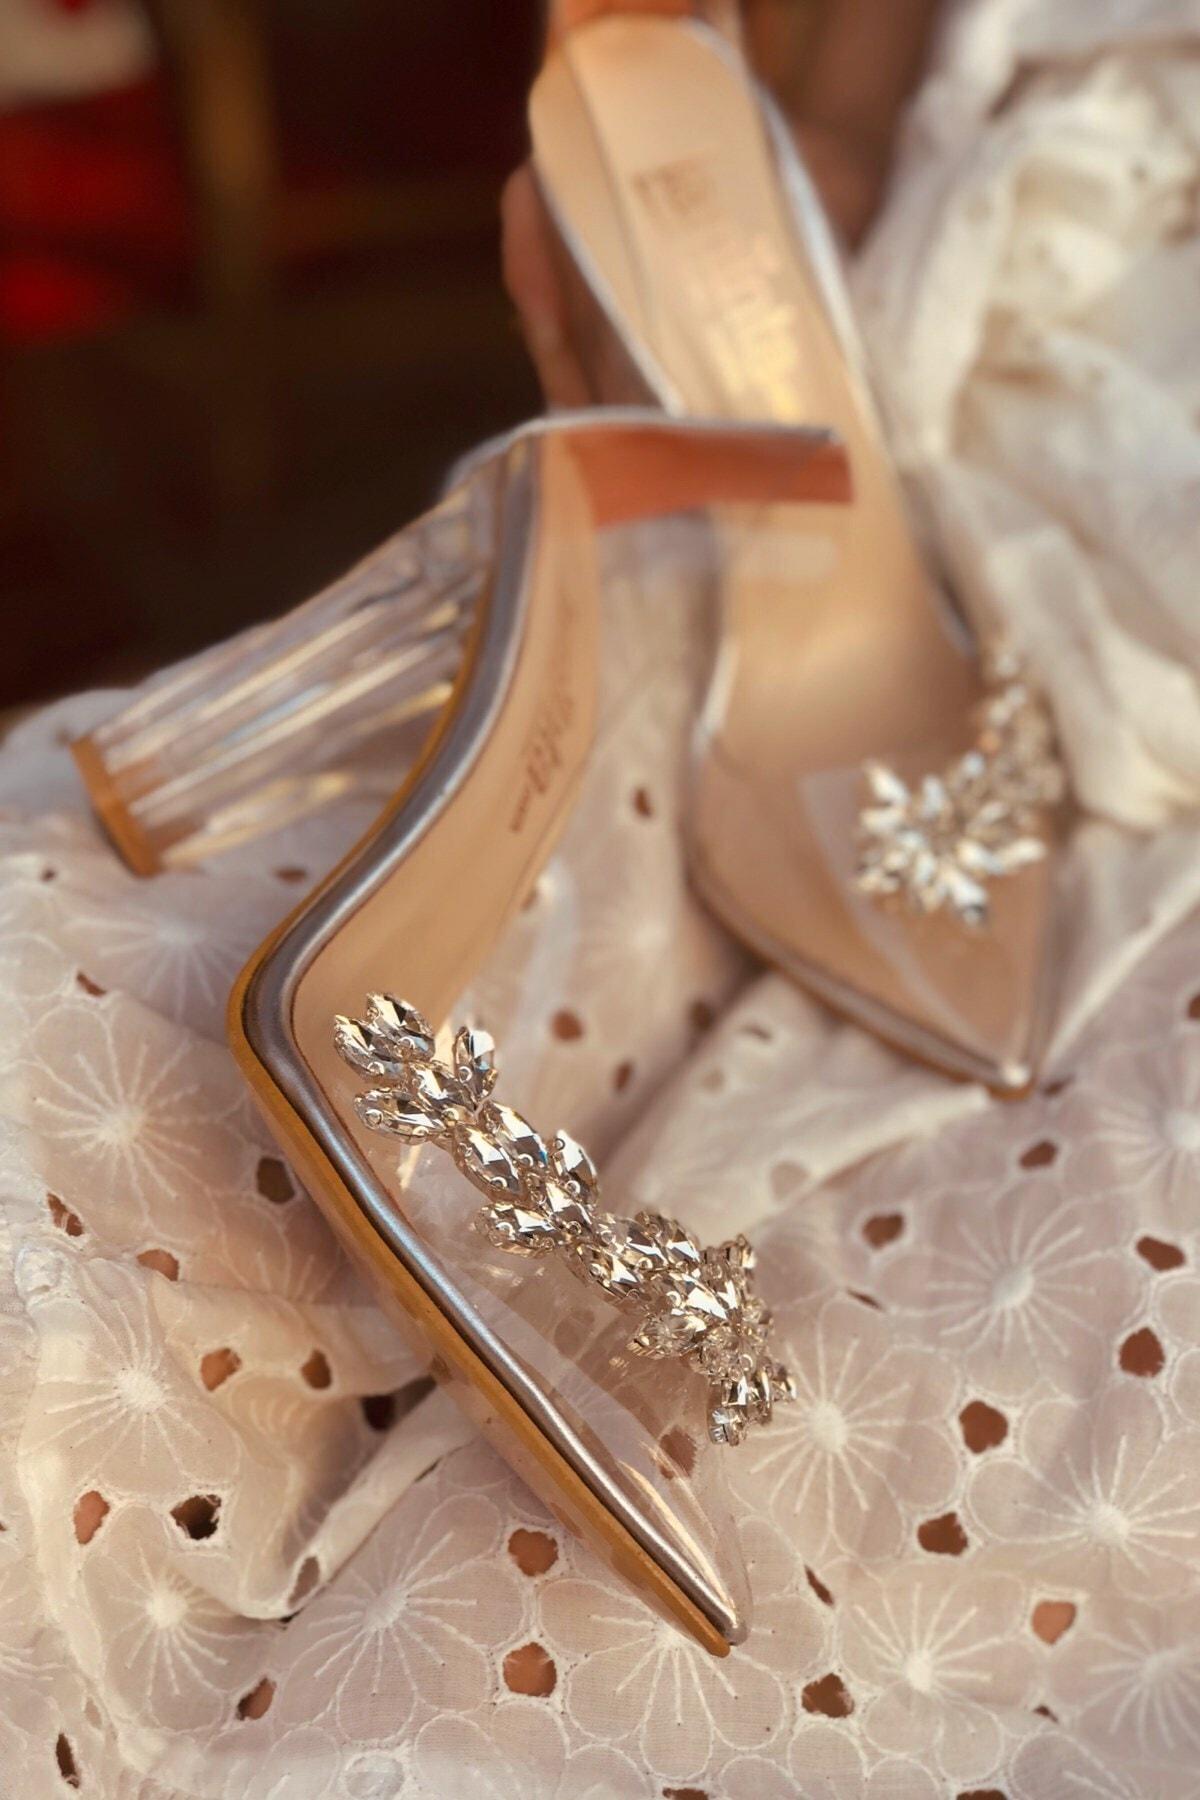 LAMİNTA Princess Gümüş Şeffaf Kadın Topuklu Ayakkabı 1